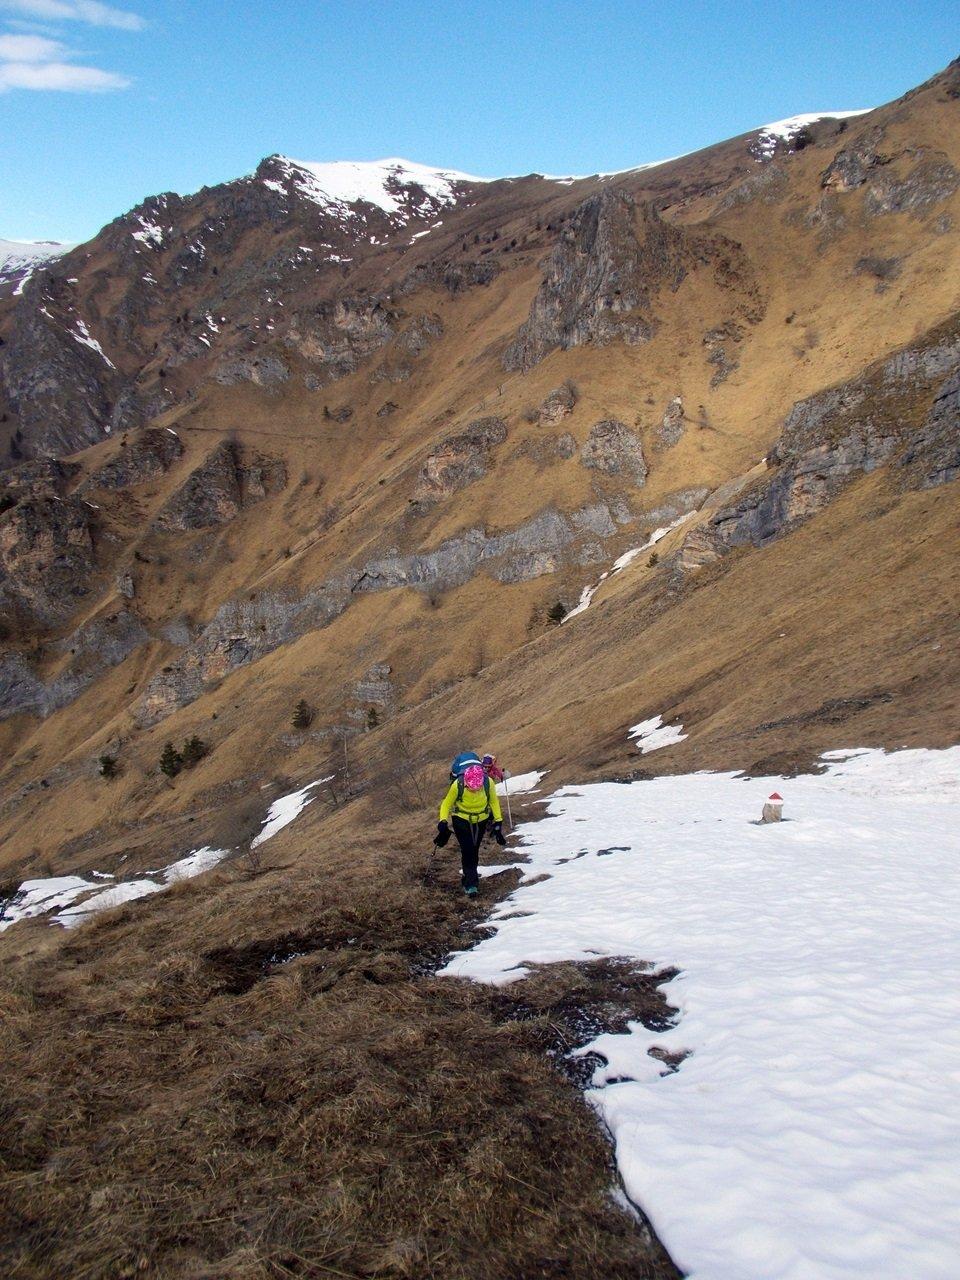 prima neve nella parte alta del percorso